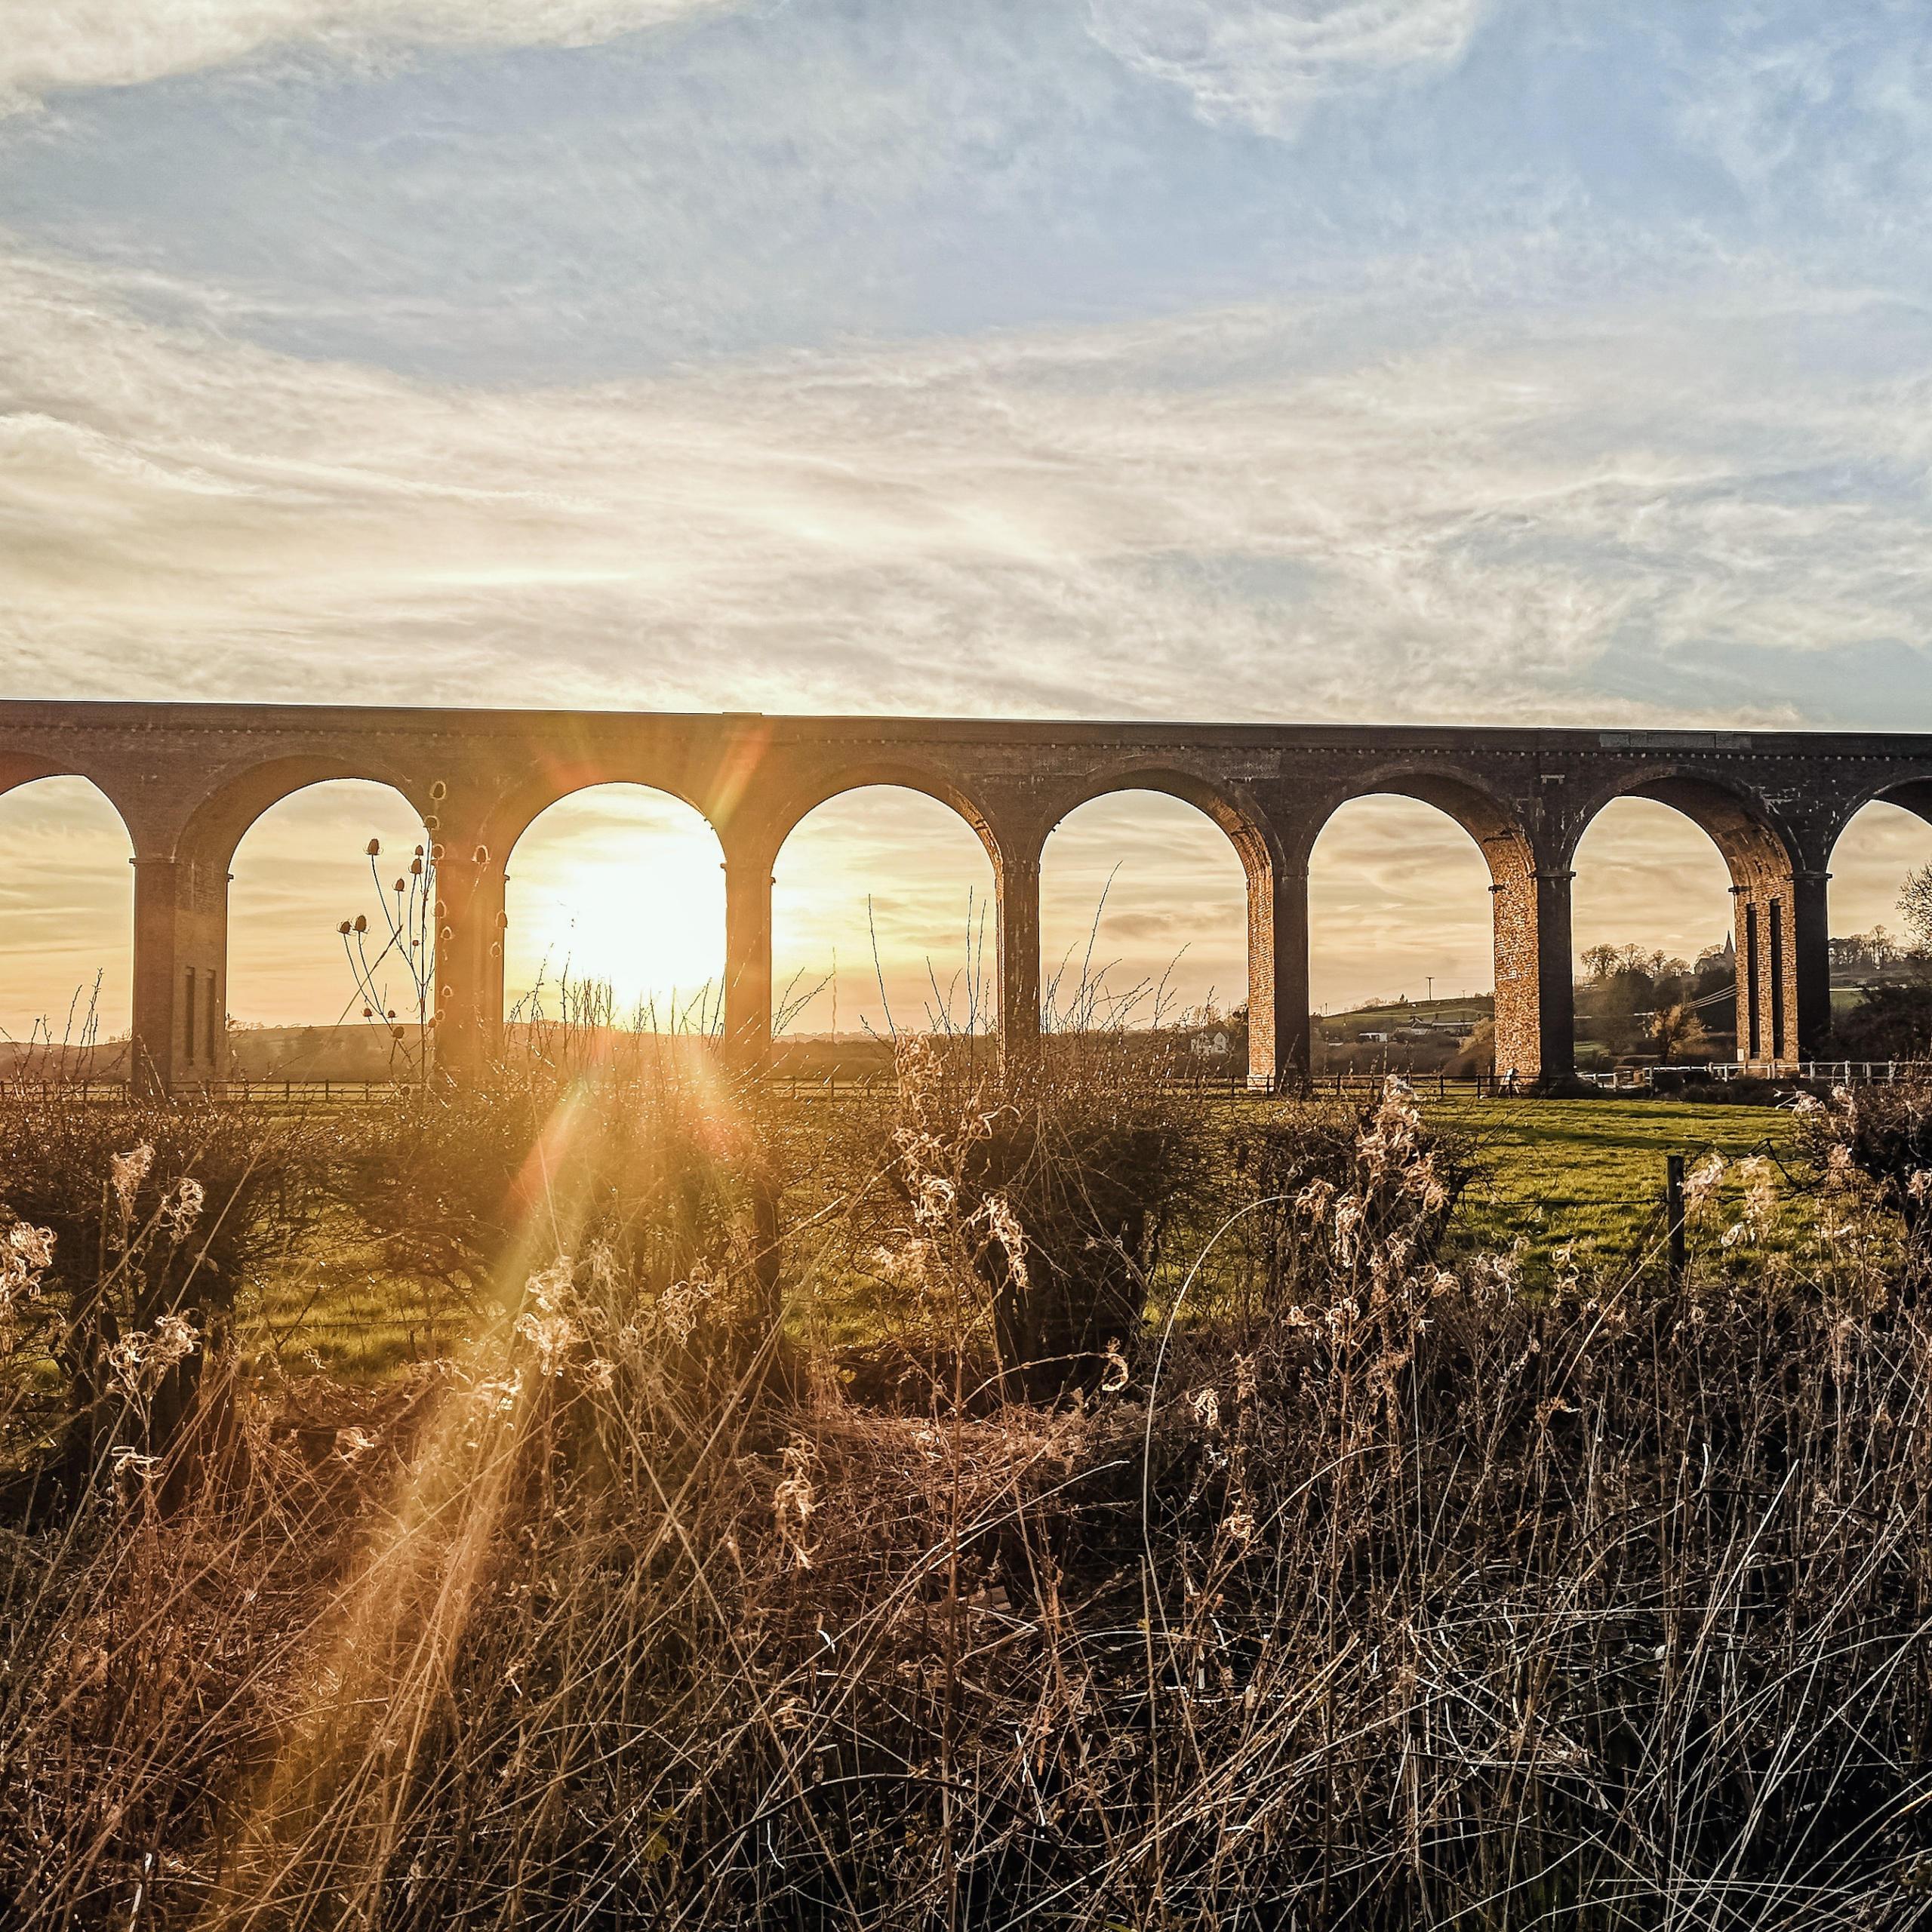 Harringworth Viaduct